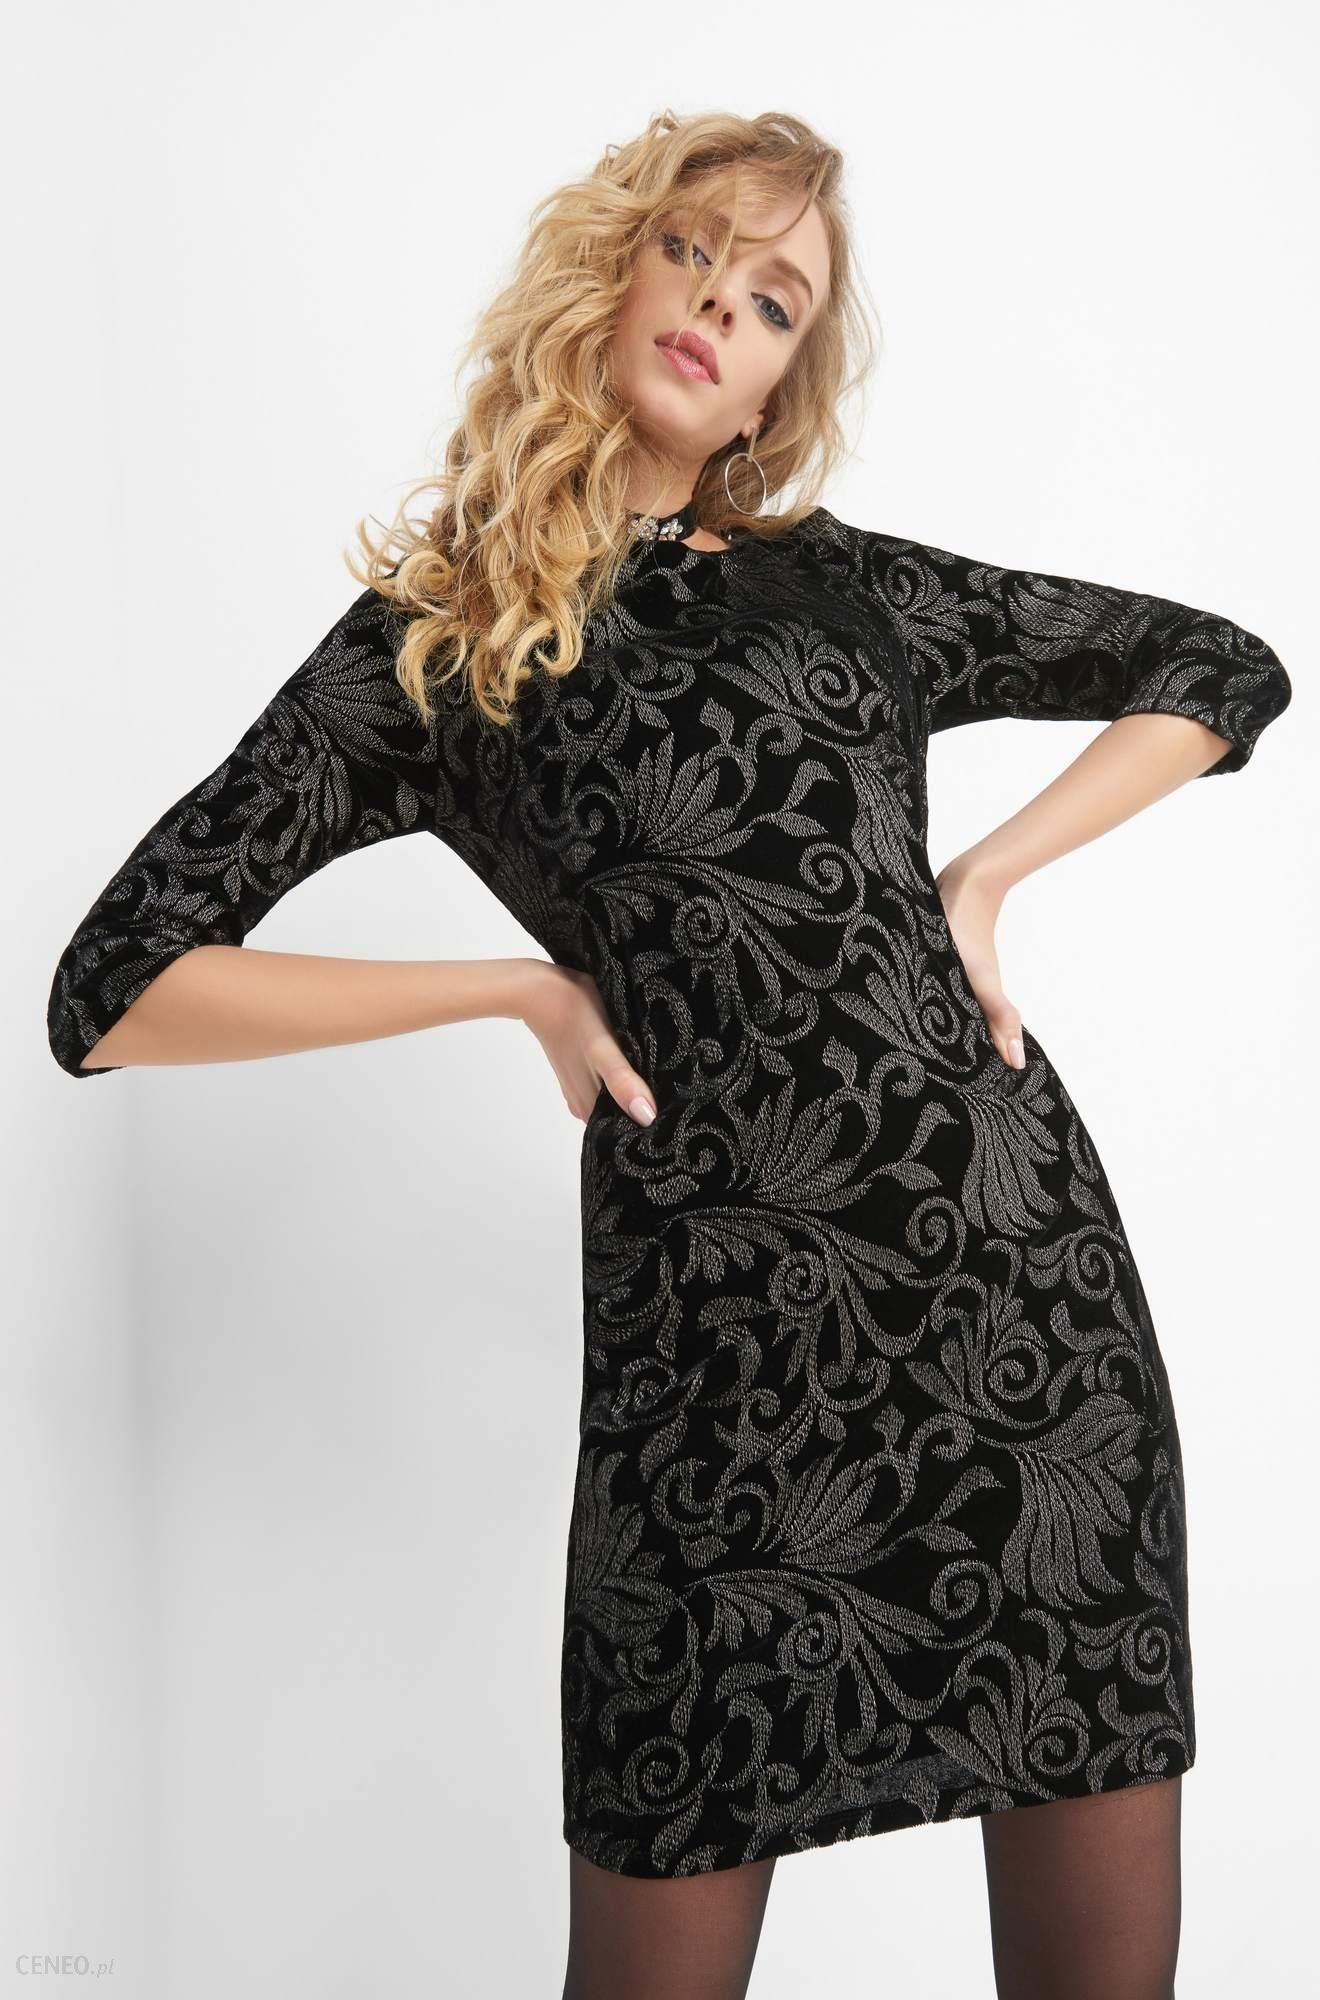 8a620f4cc4c4 Orsay Welurowa sukienka z haftem - Ceny i opinie - Ceneo.pl